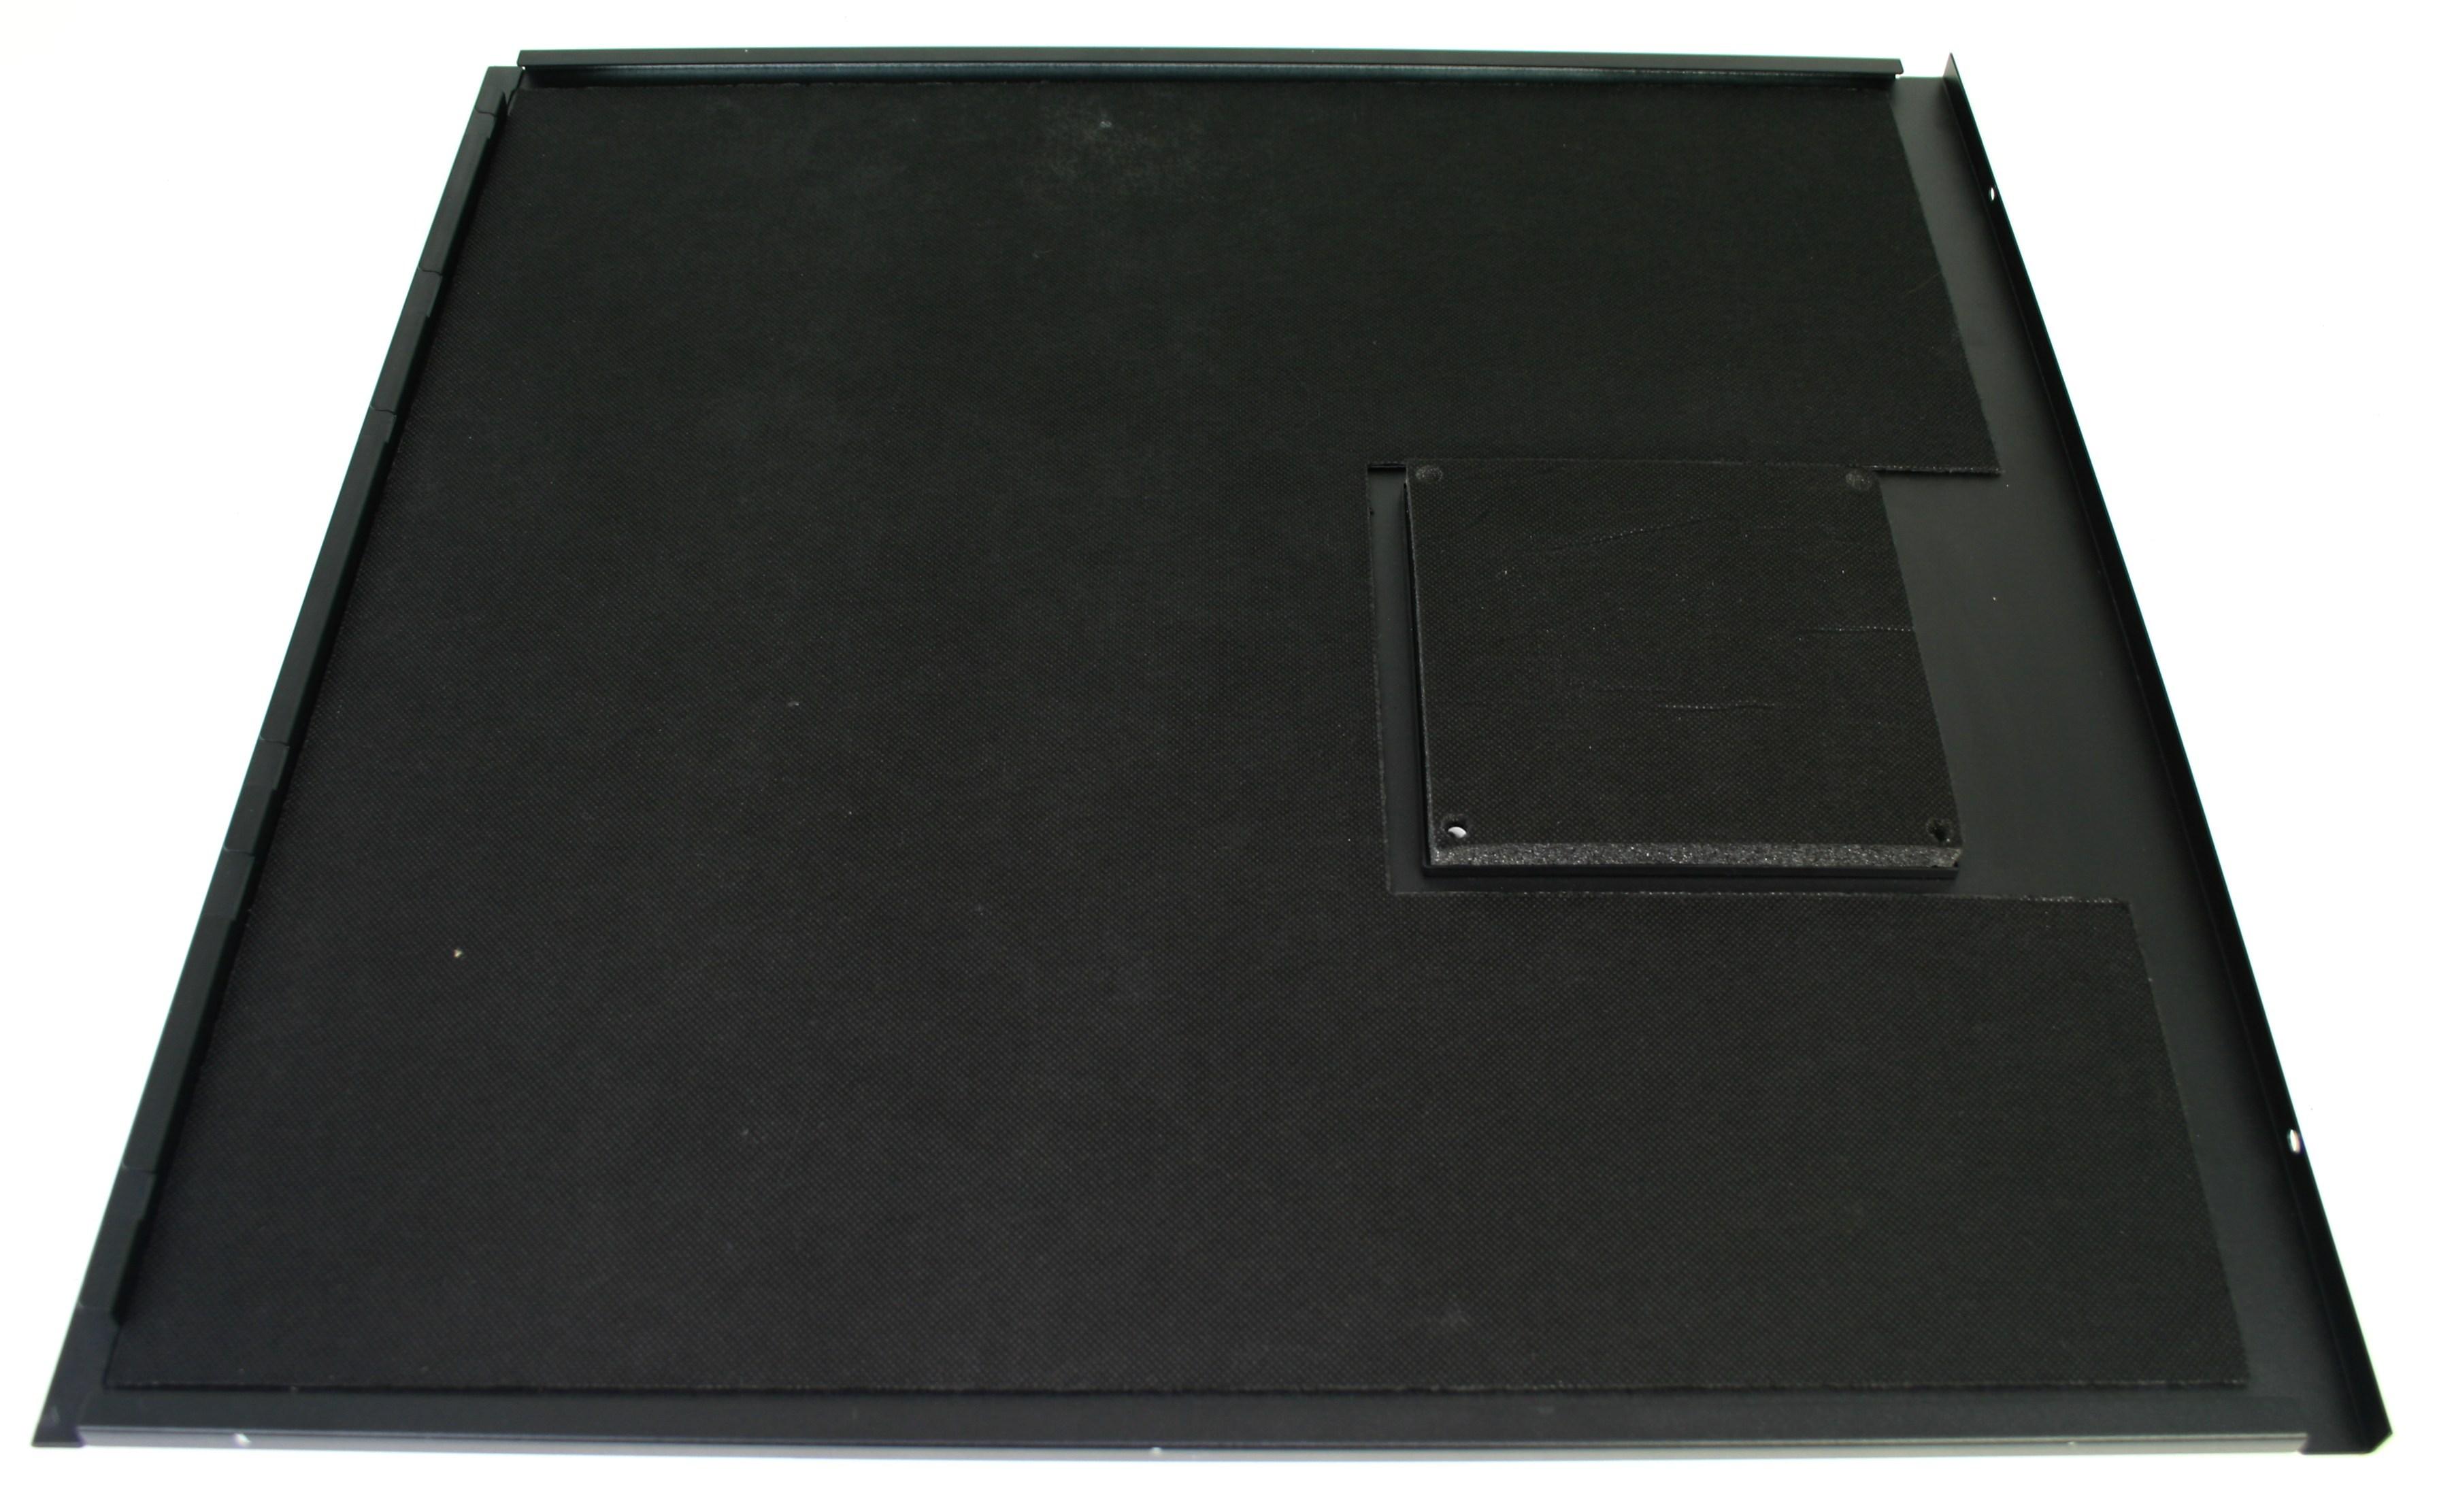 Fractal Design Define XL R2 Acoustic dampening material